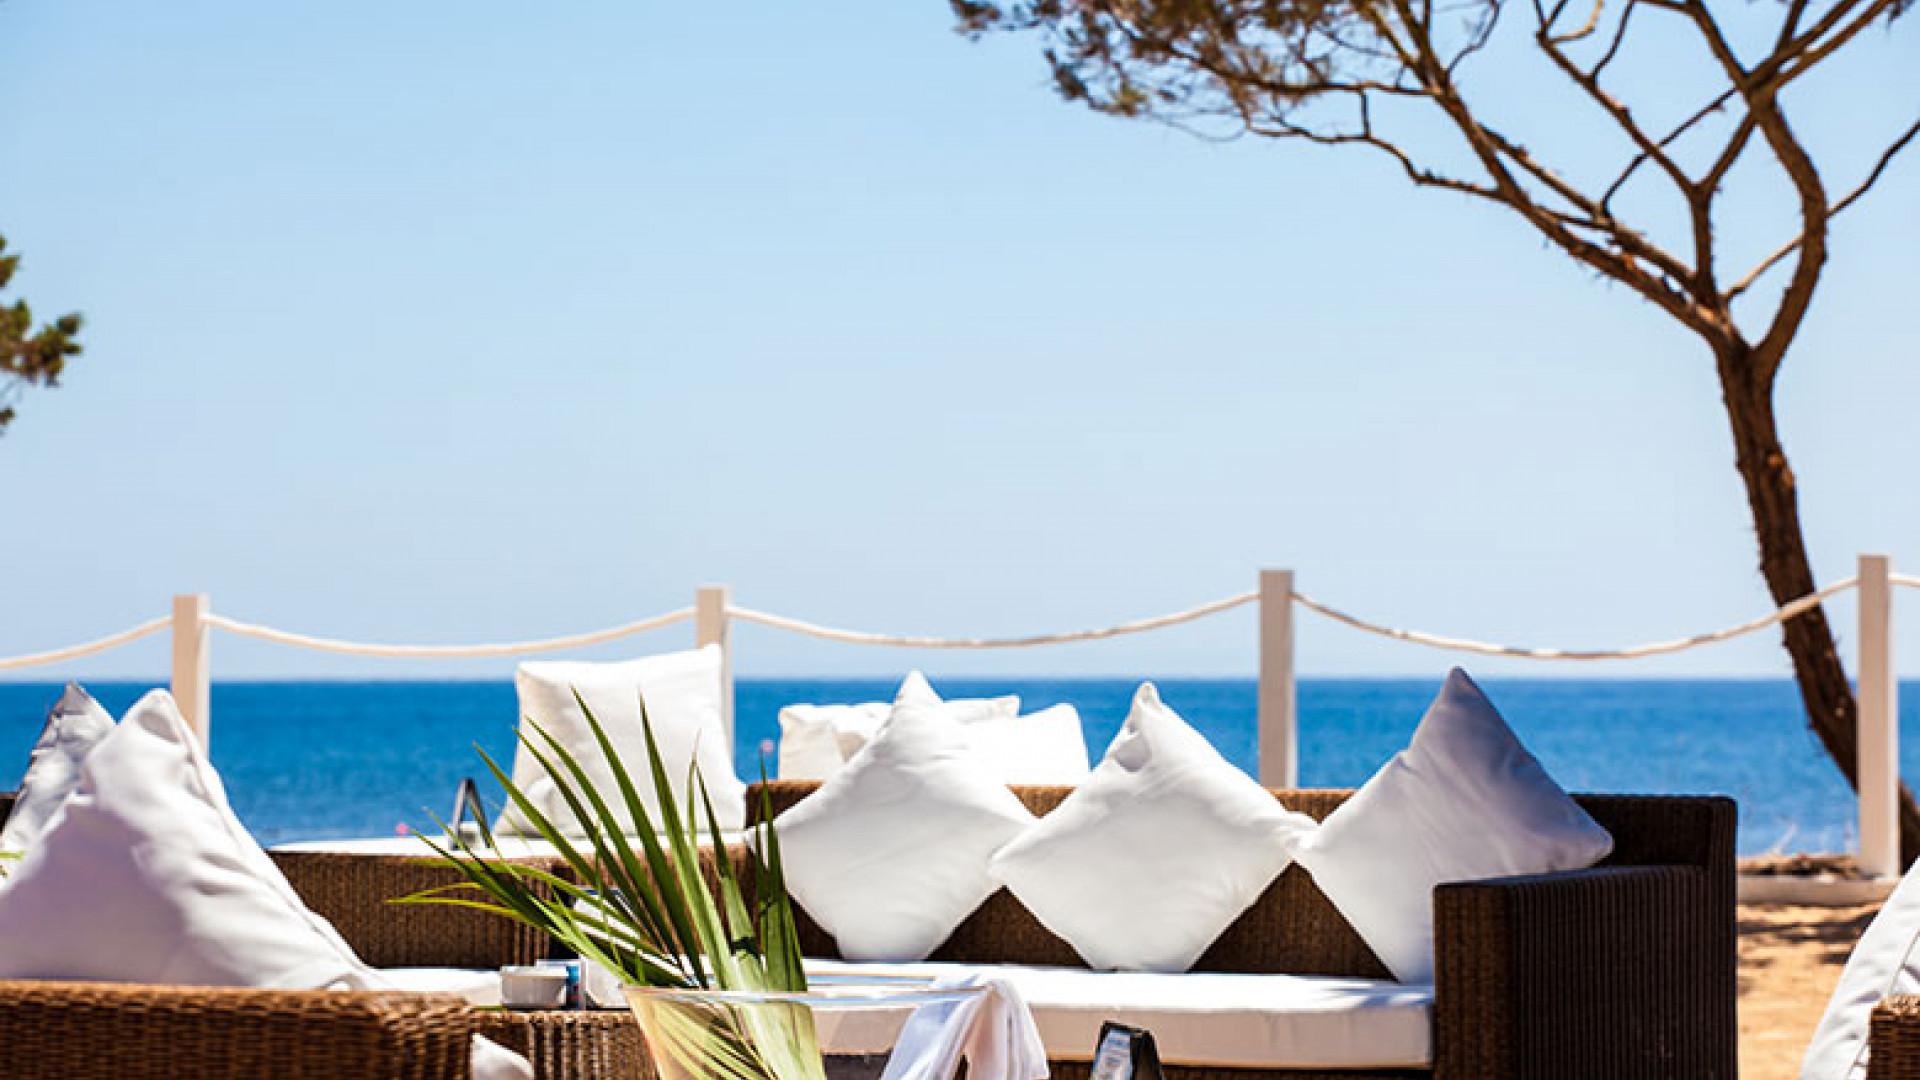 Nikki-Beach-Ibiza-beach-shot